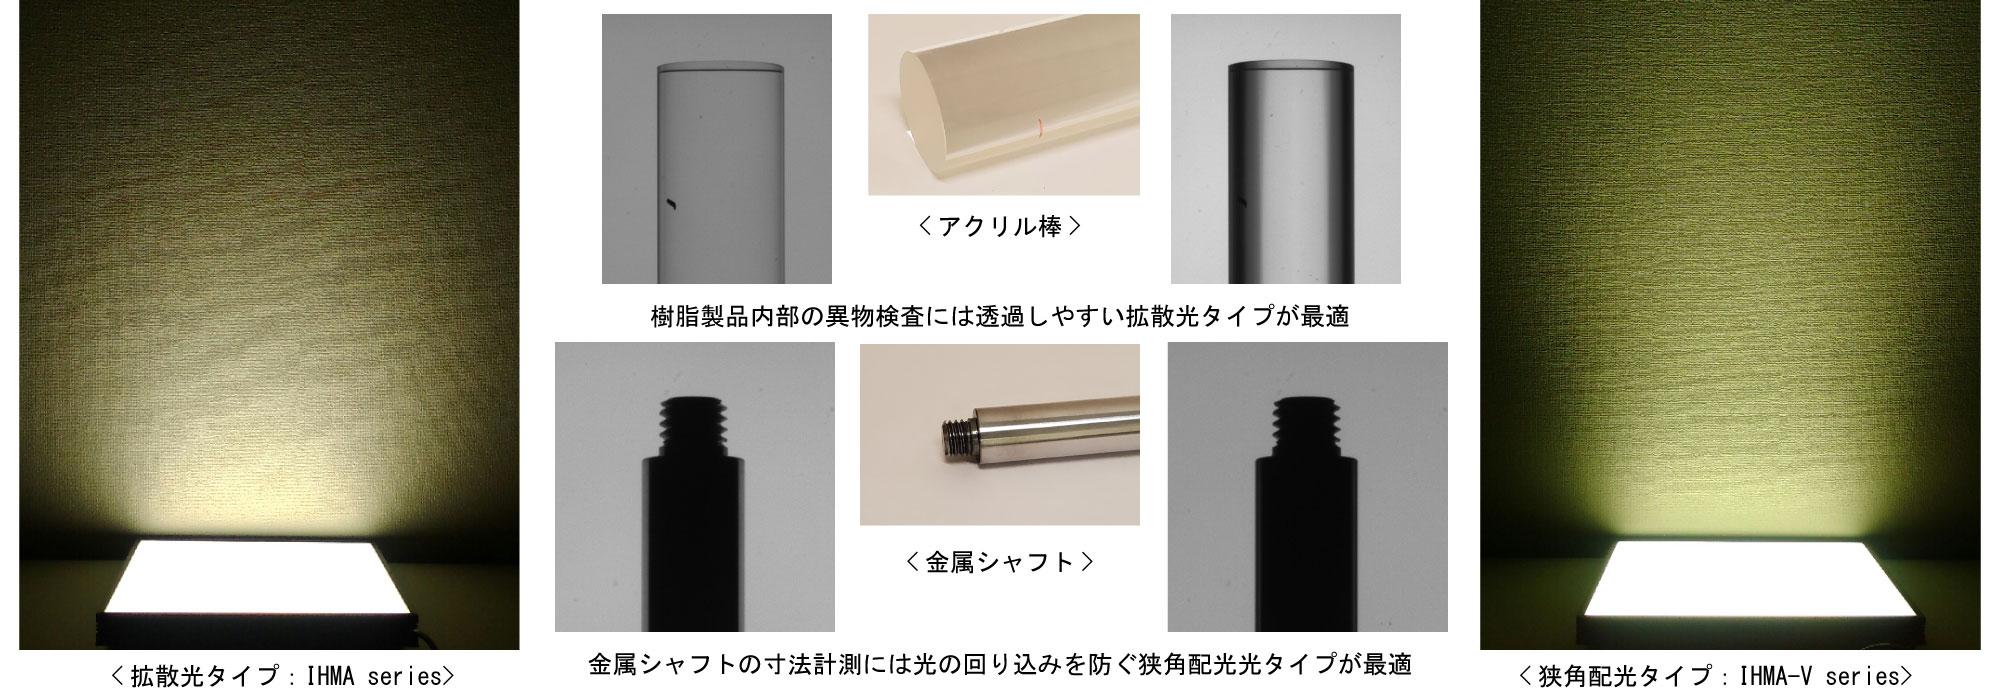 IHMA Product Description 05